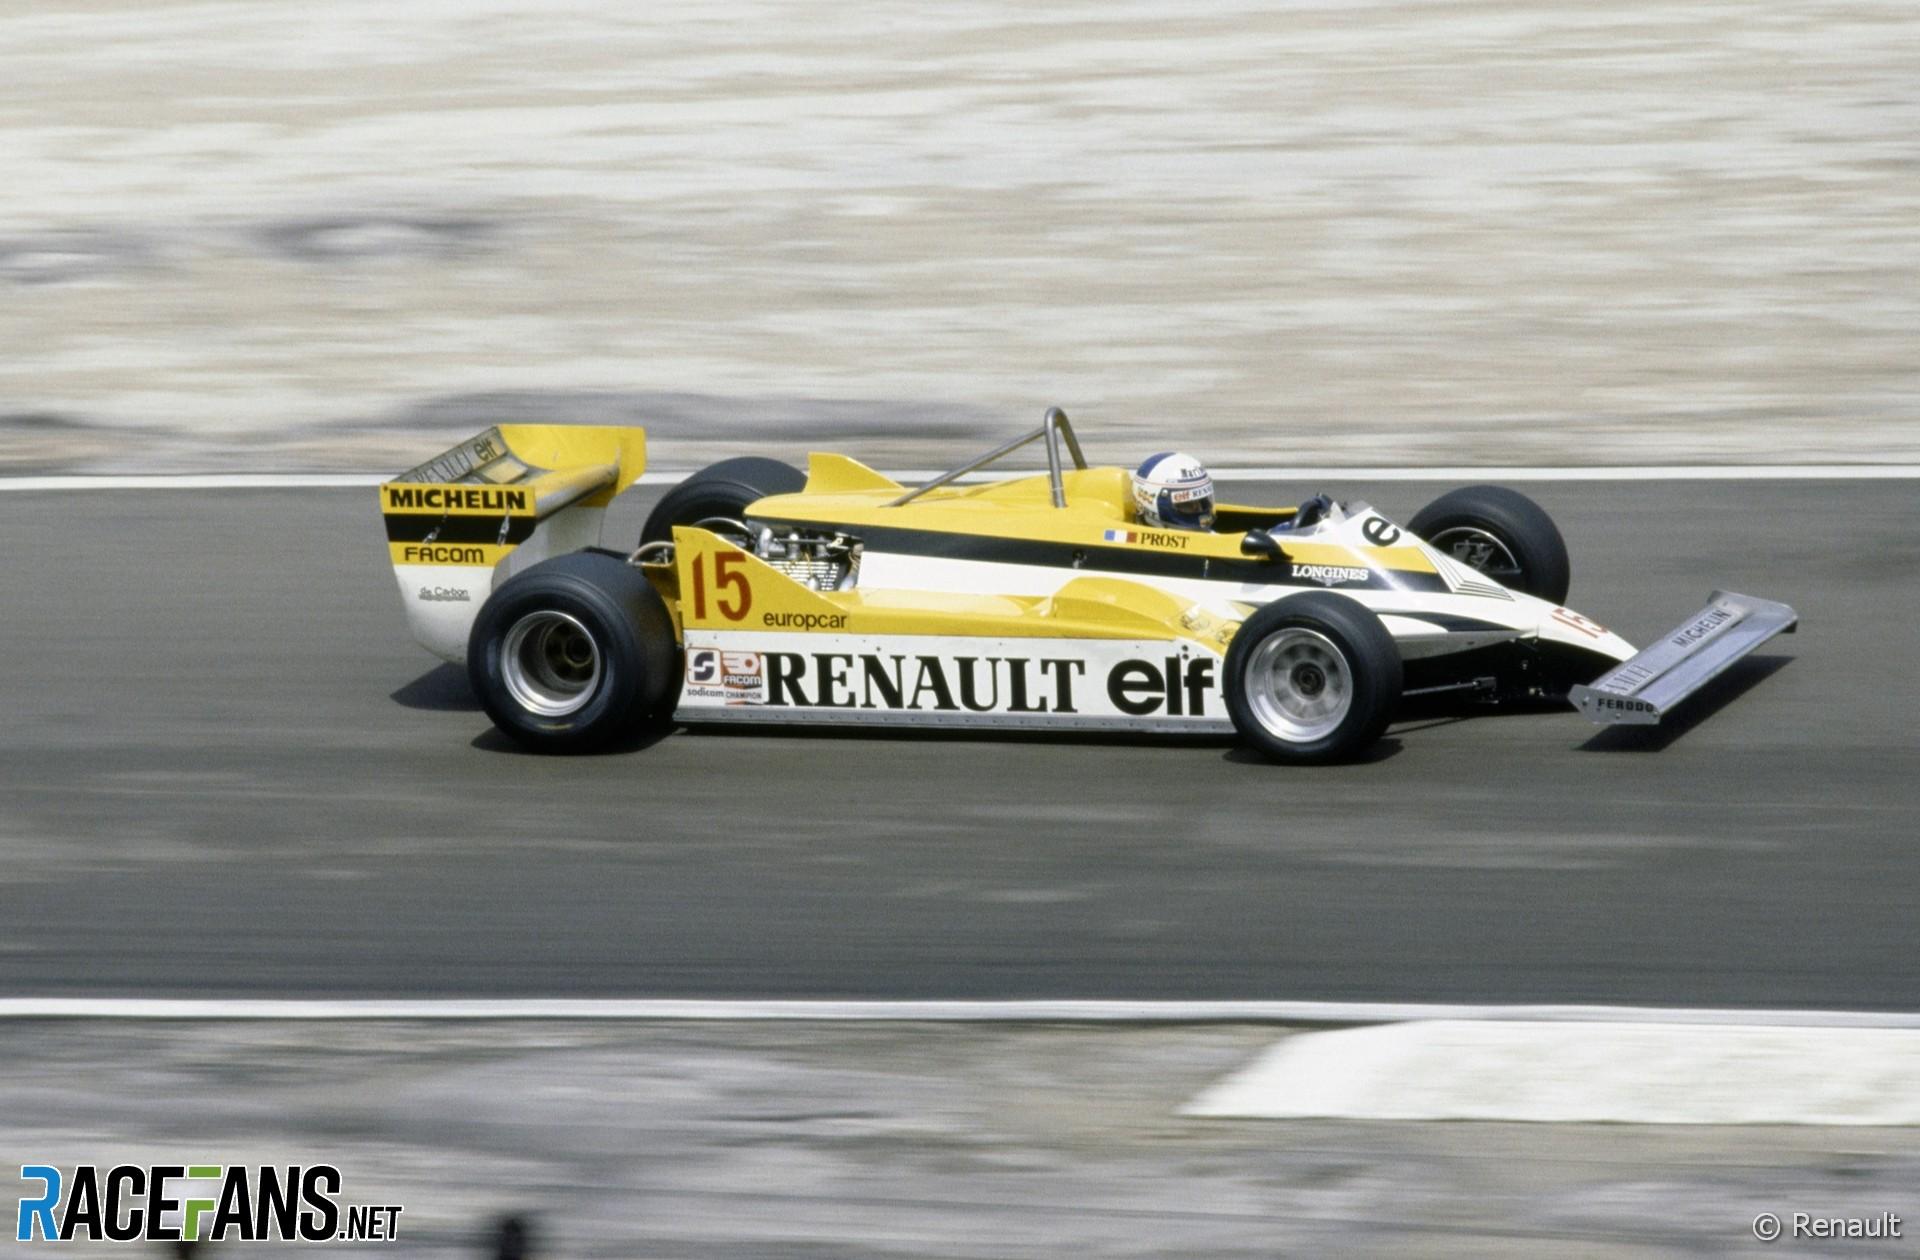 Alain Prost, Renault, Dijon, 1981